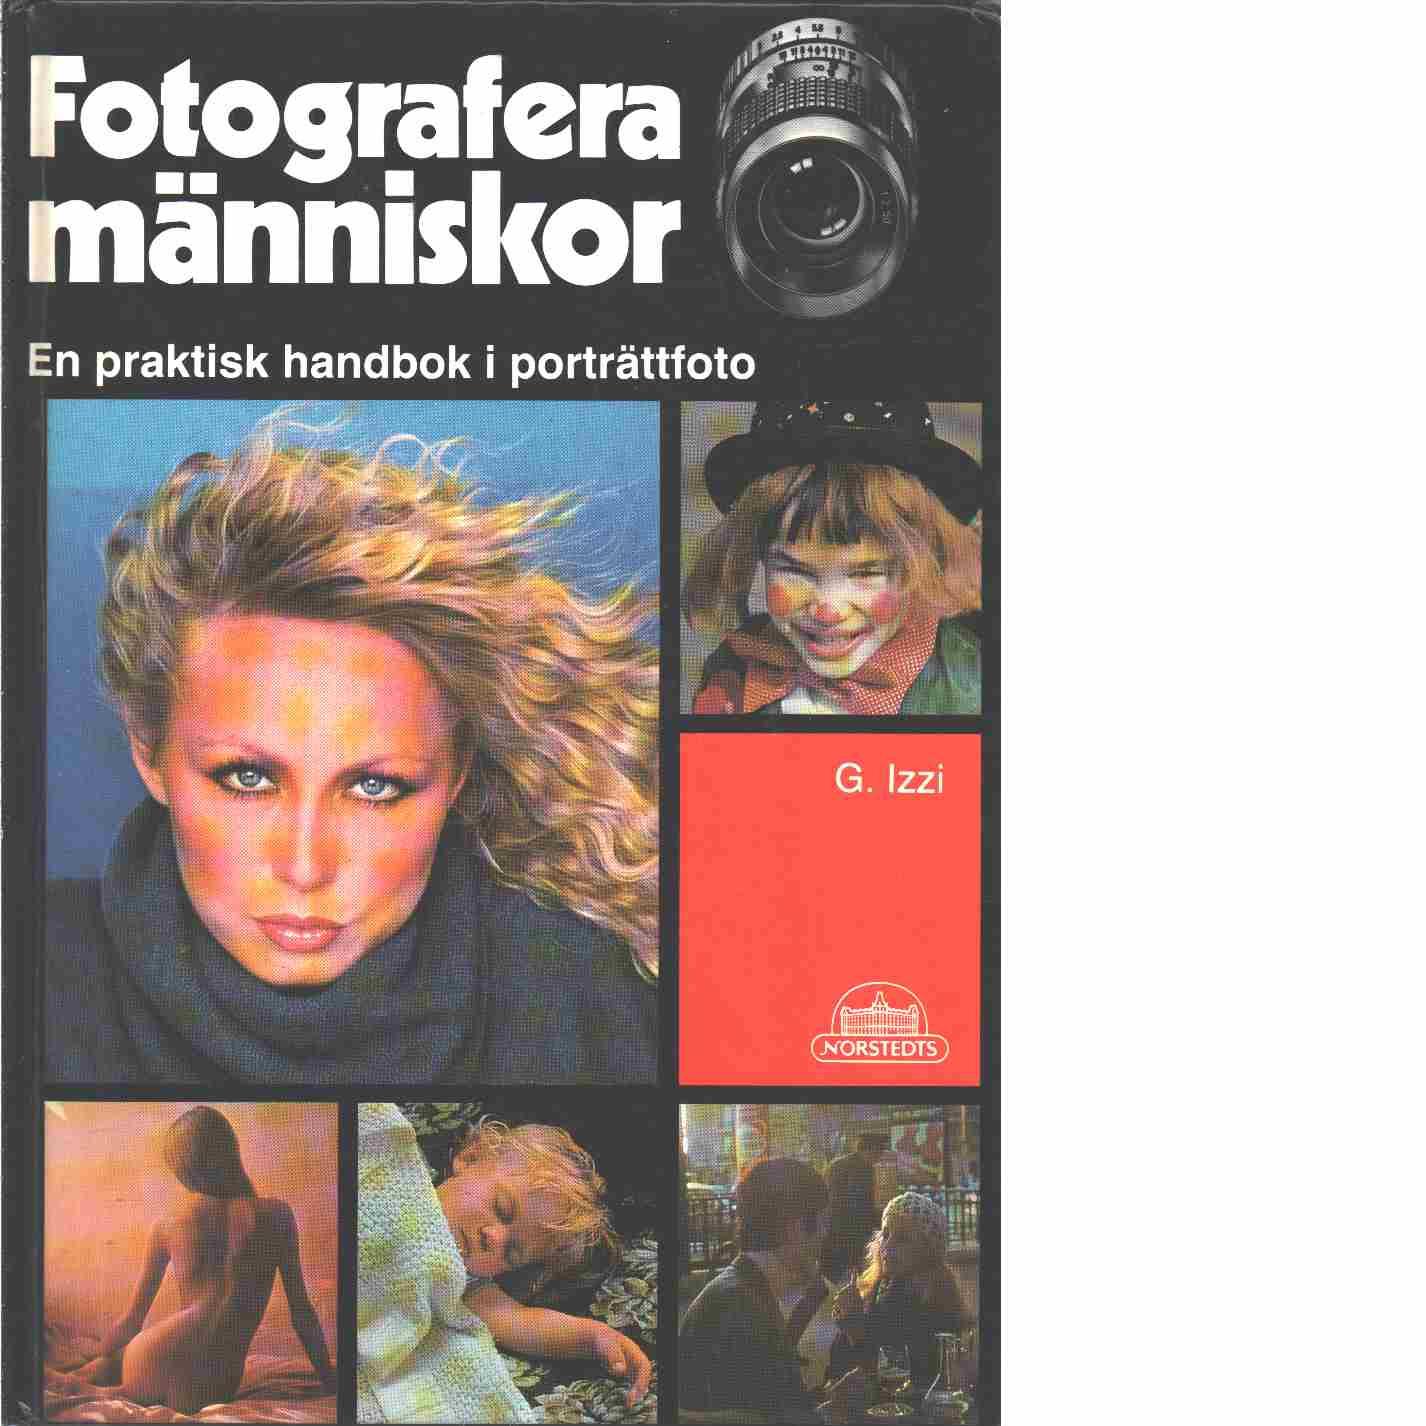 Fotografera människor : en praktisk handbok i porträttfoto - Izzi, Guglielmo